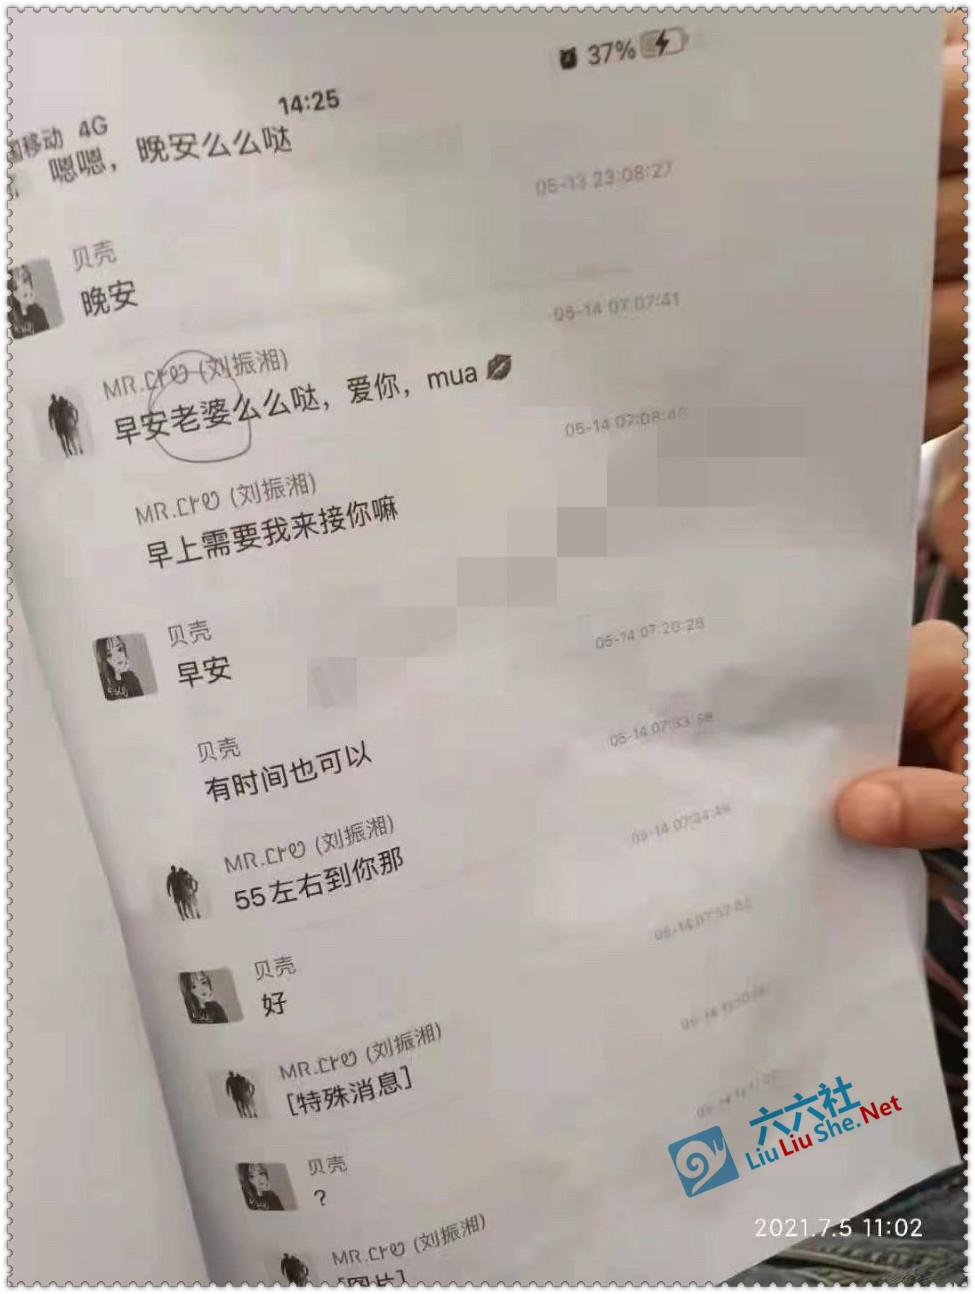 永州农商银行瓜 是怎么回事?附:刘某湘与柜员蒋某的暧昧聊天记录 吃瓜基地 第12张